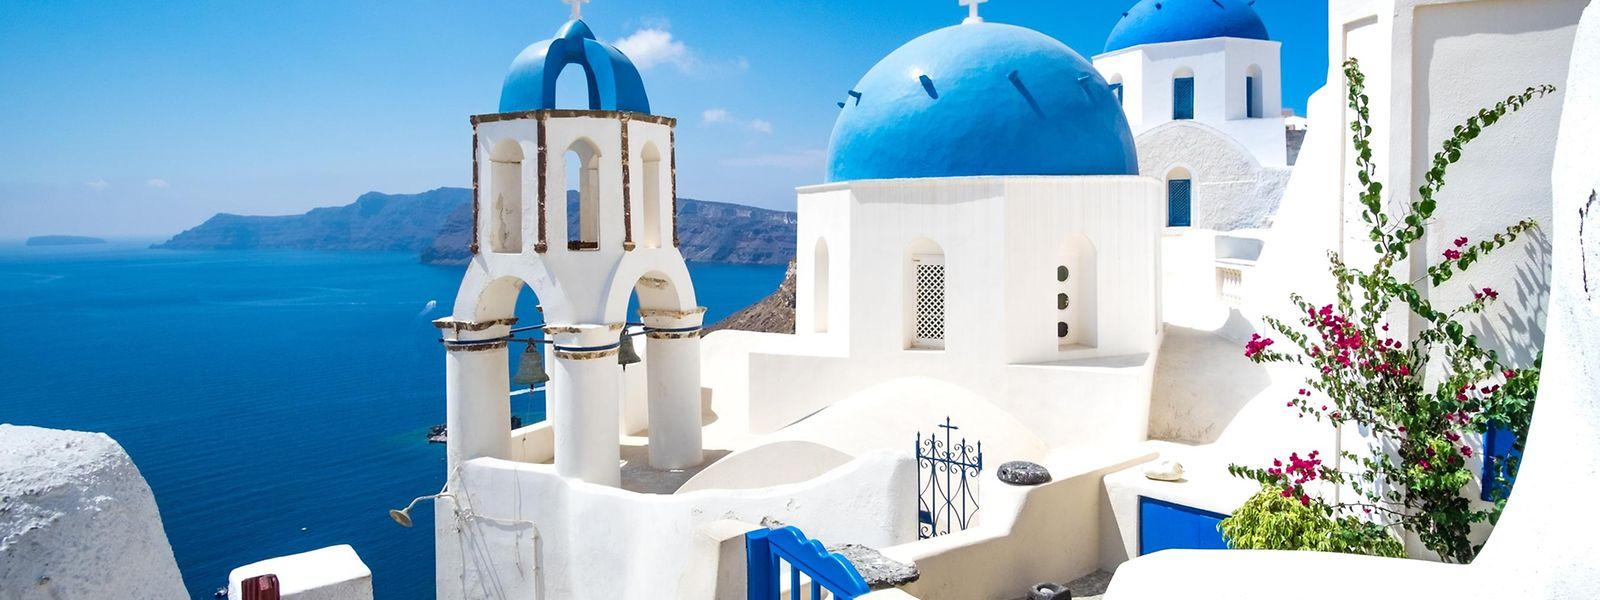 Immer ein Reise-Highlight: die weiß getünchten Häuser der Insel Santorini mit ihren blauen Kuppeldächern und der Aussicht auf das Meer in ebenso strahlendem Azurblau.